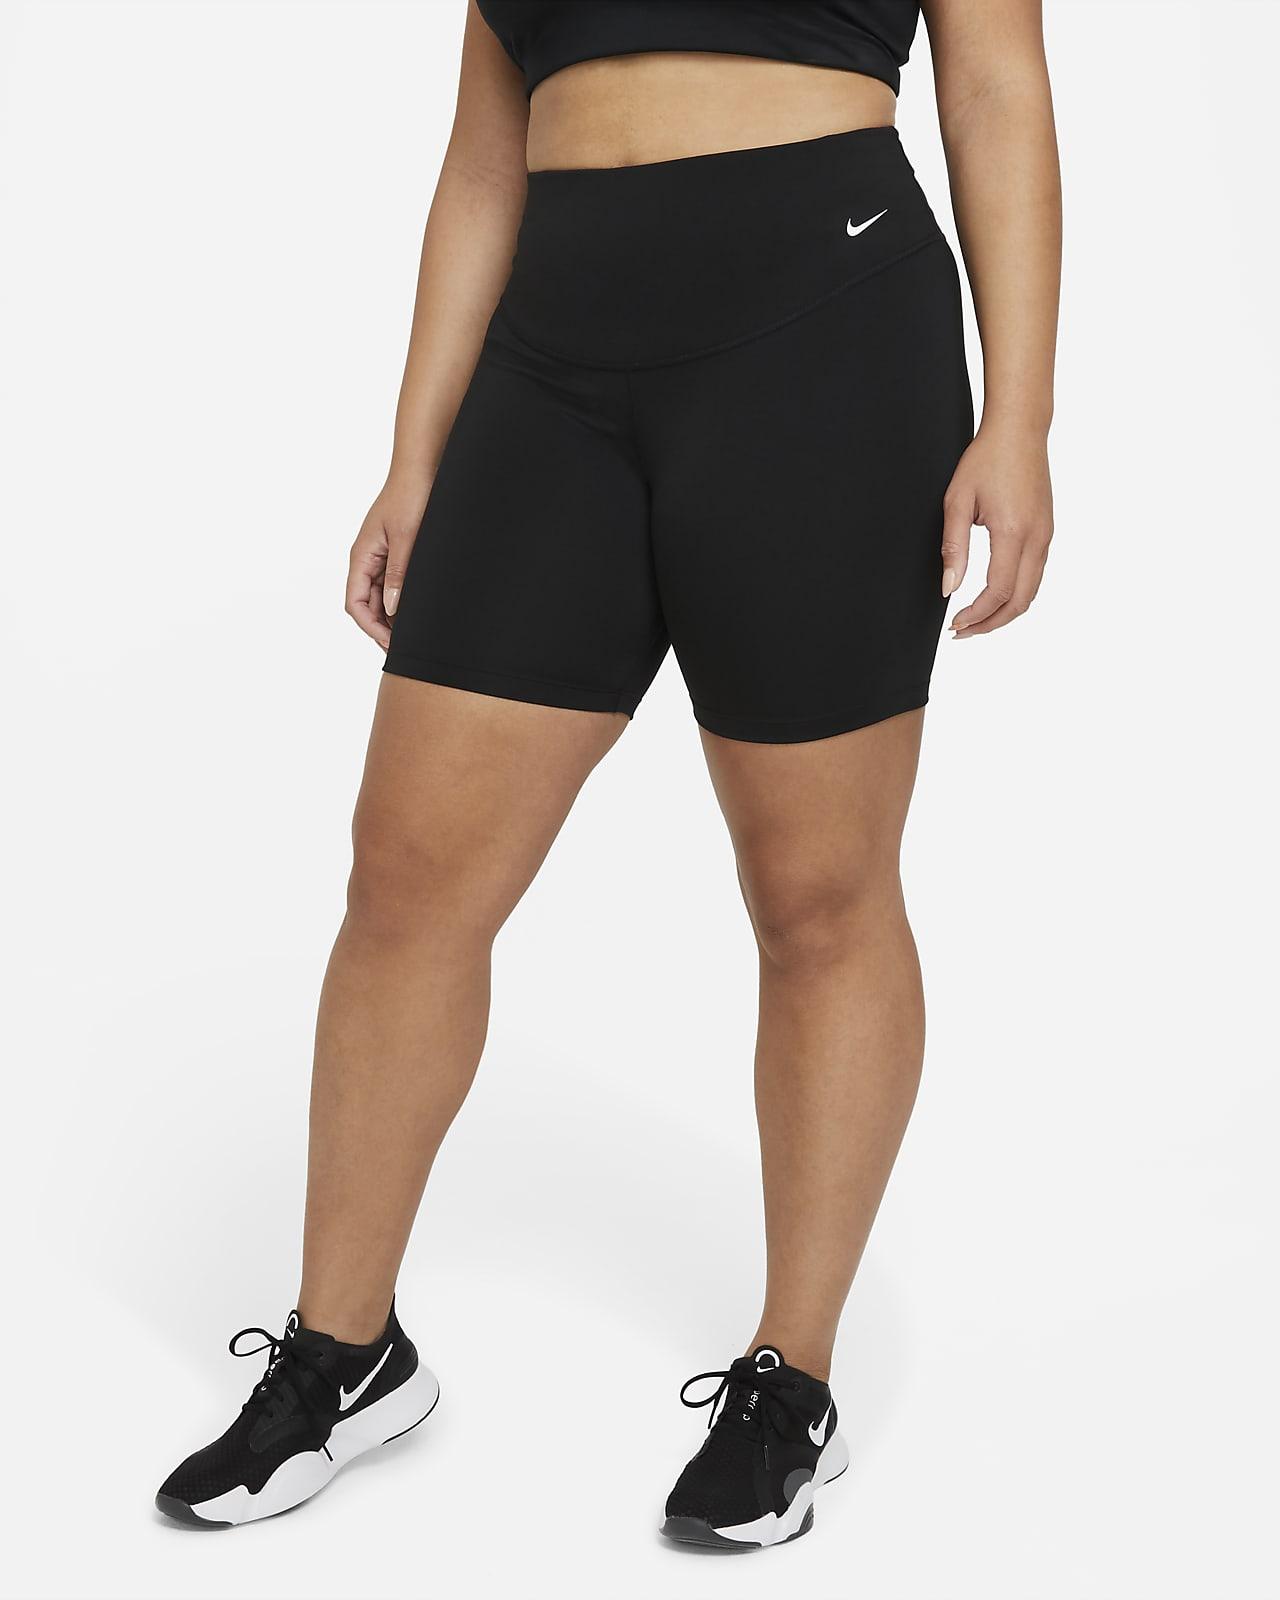 Nike One Pantalons curts de ciclisme amb cintura mitjana de 18 cm (Talles grans) - Dona